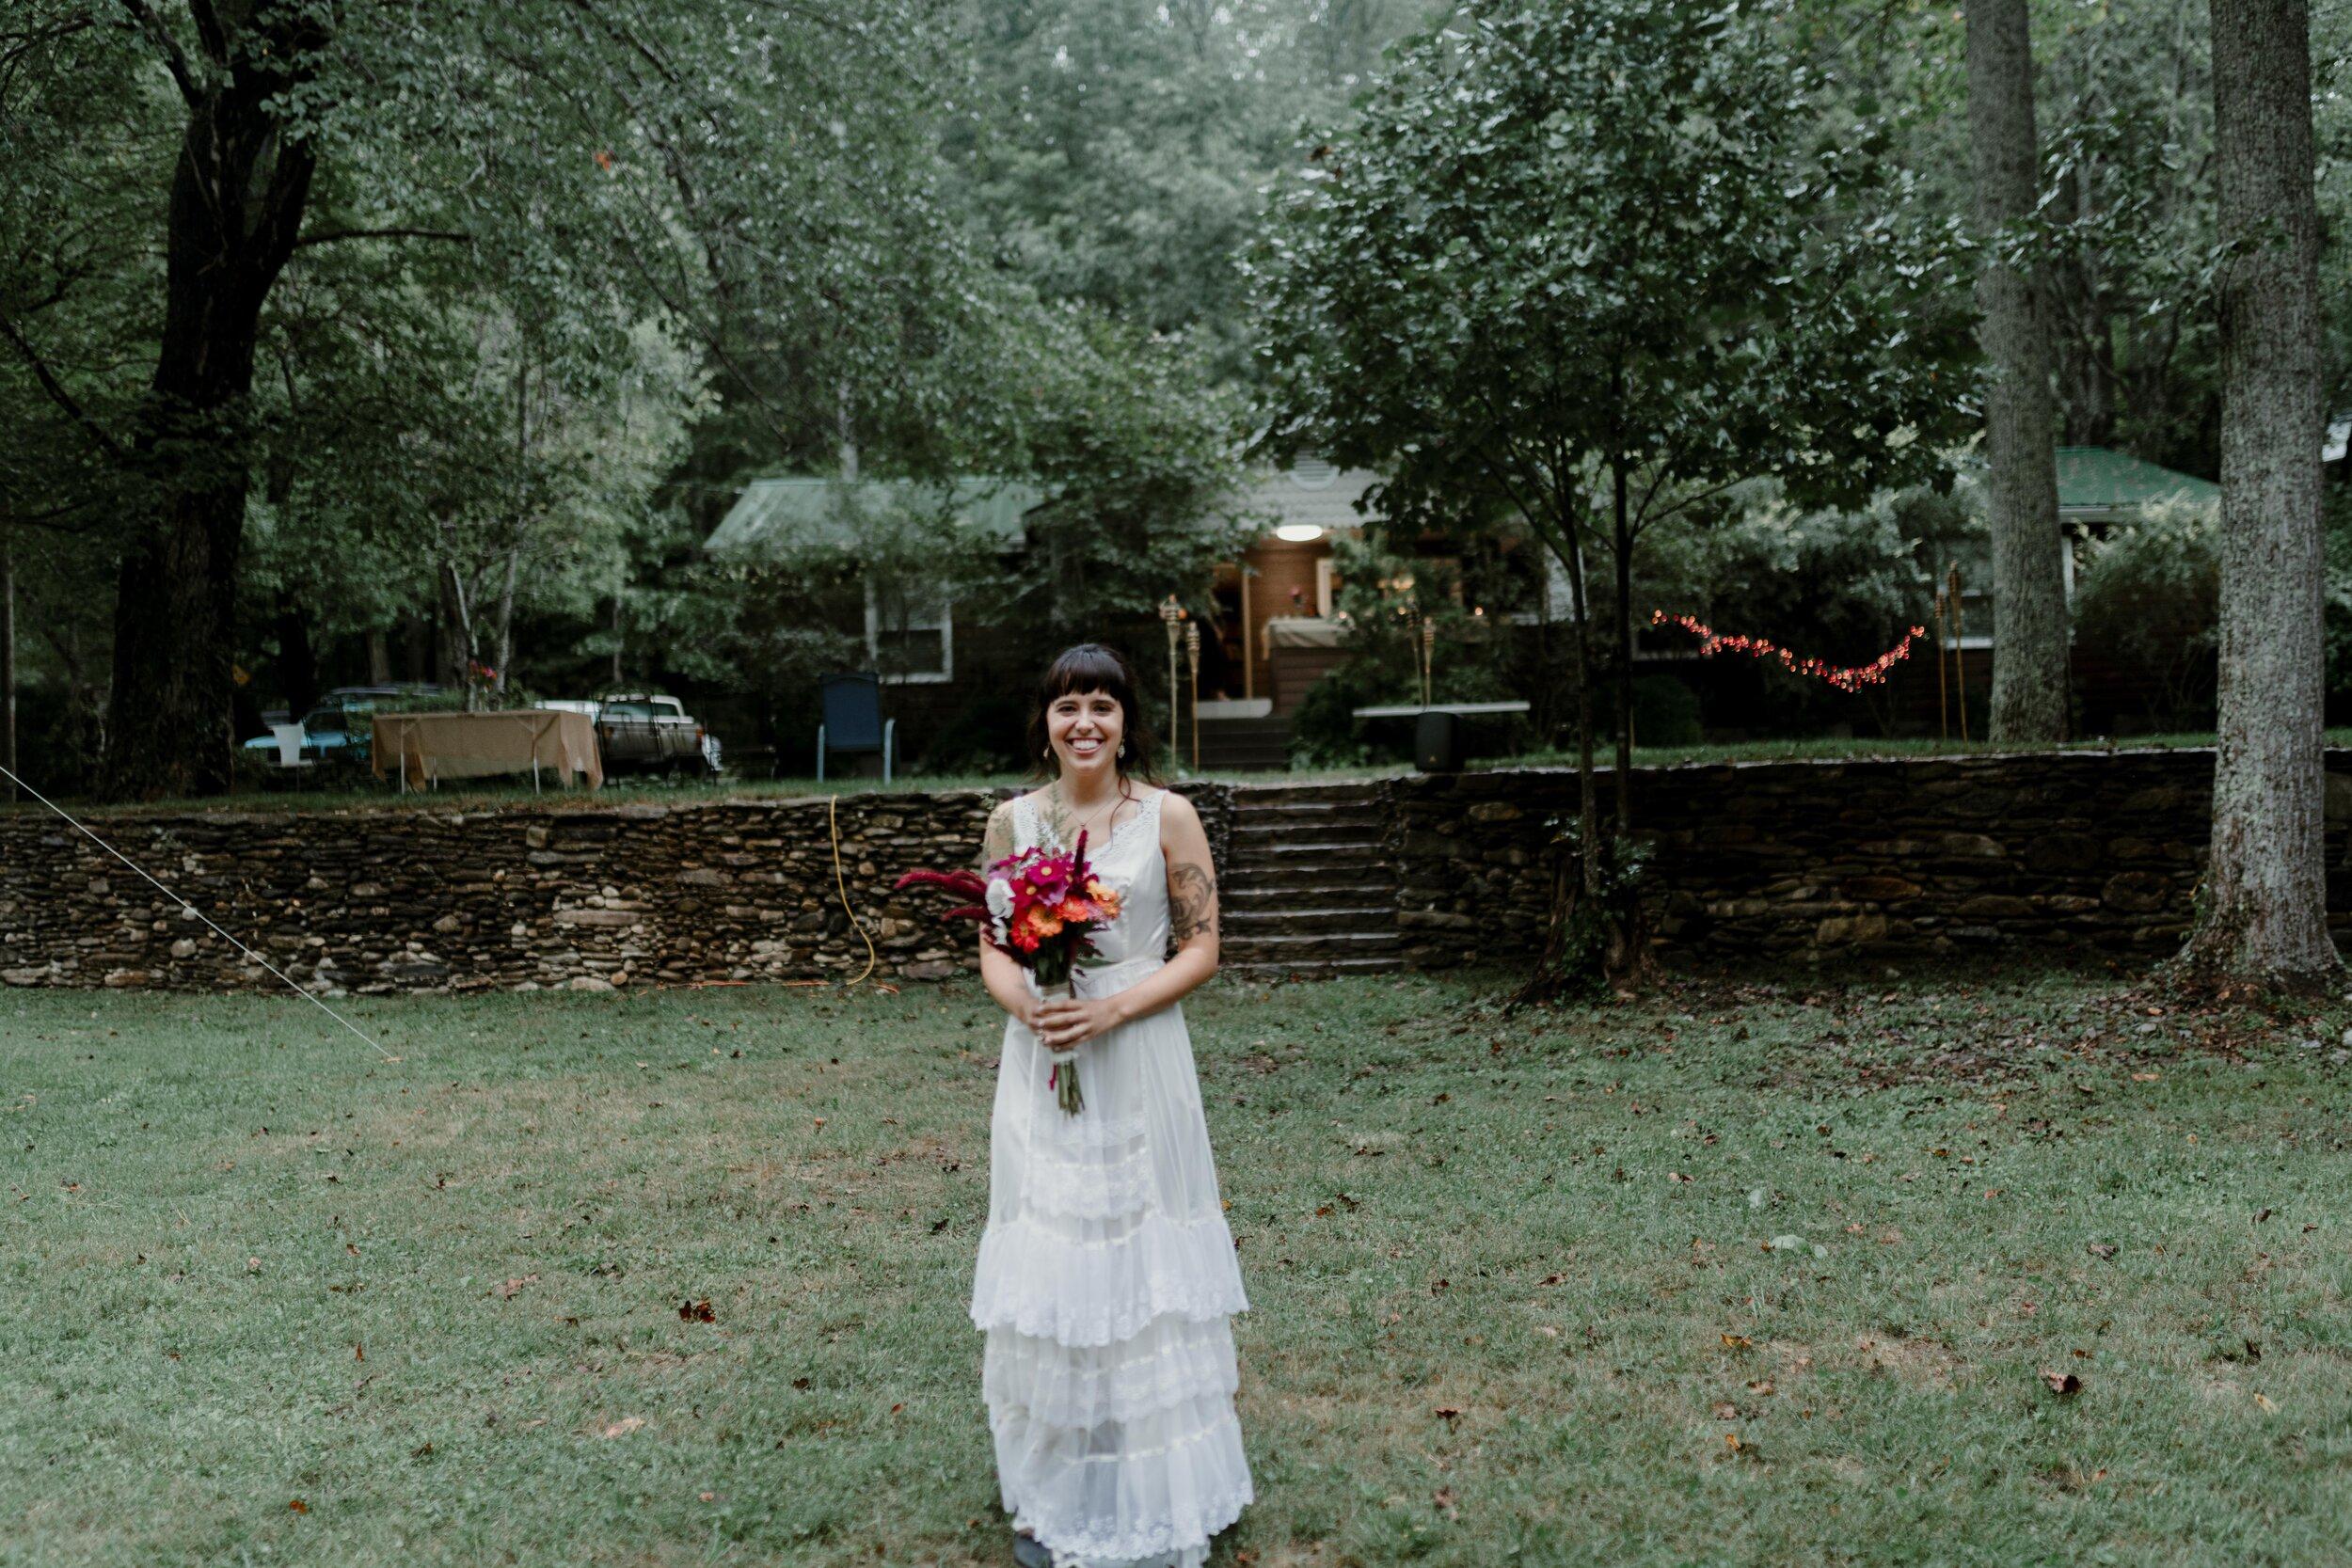 ASHEVILLE_WEDDING_TESS_AND_RYANDSC_5050-2.jpg